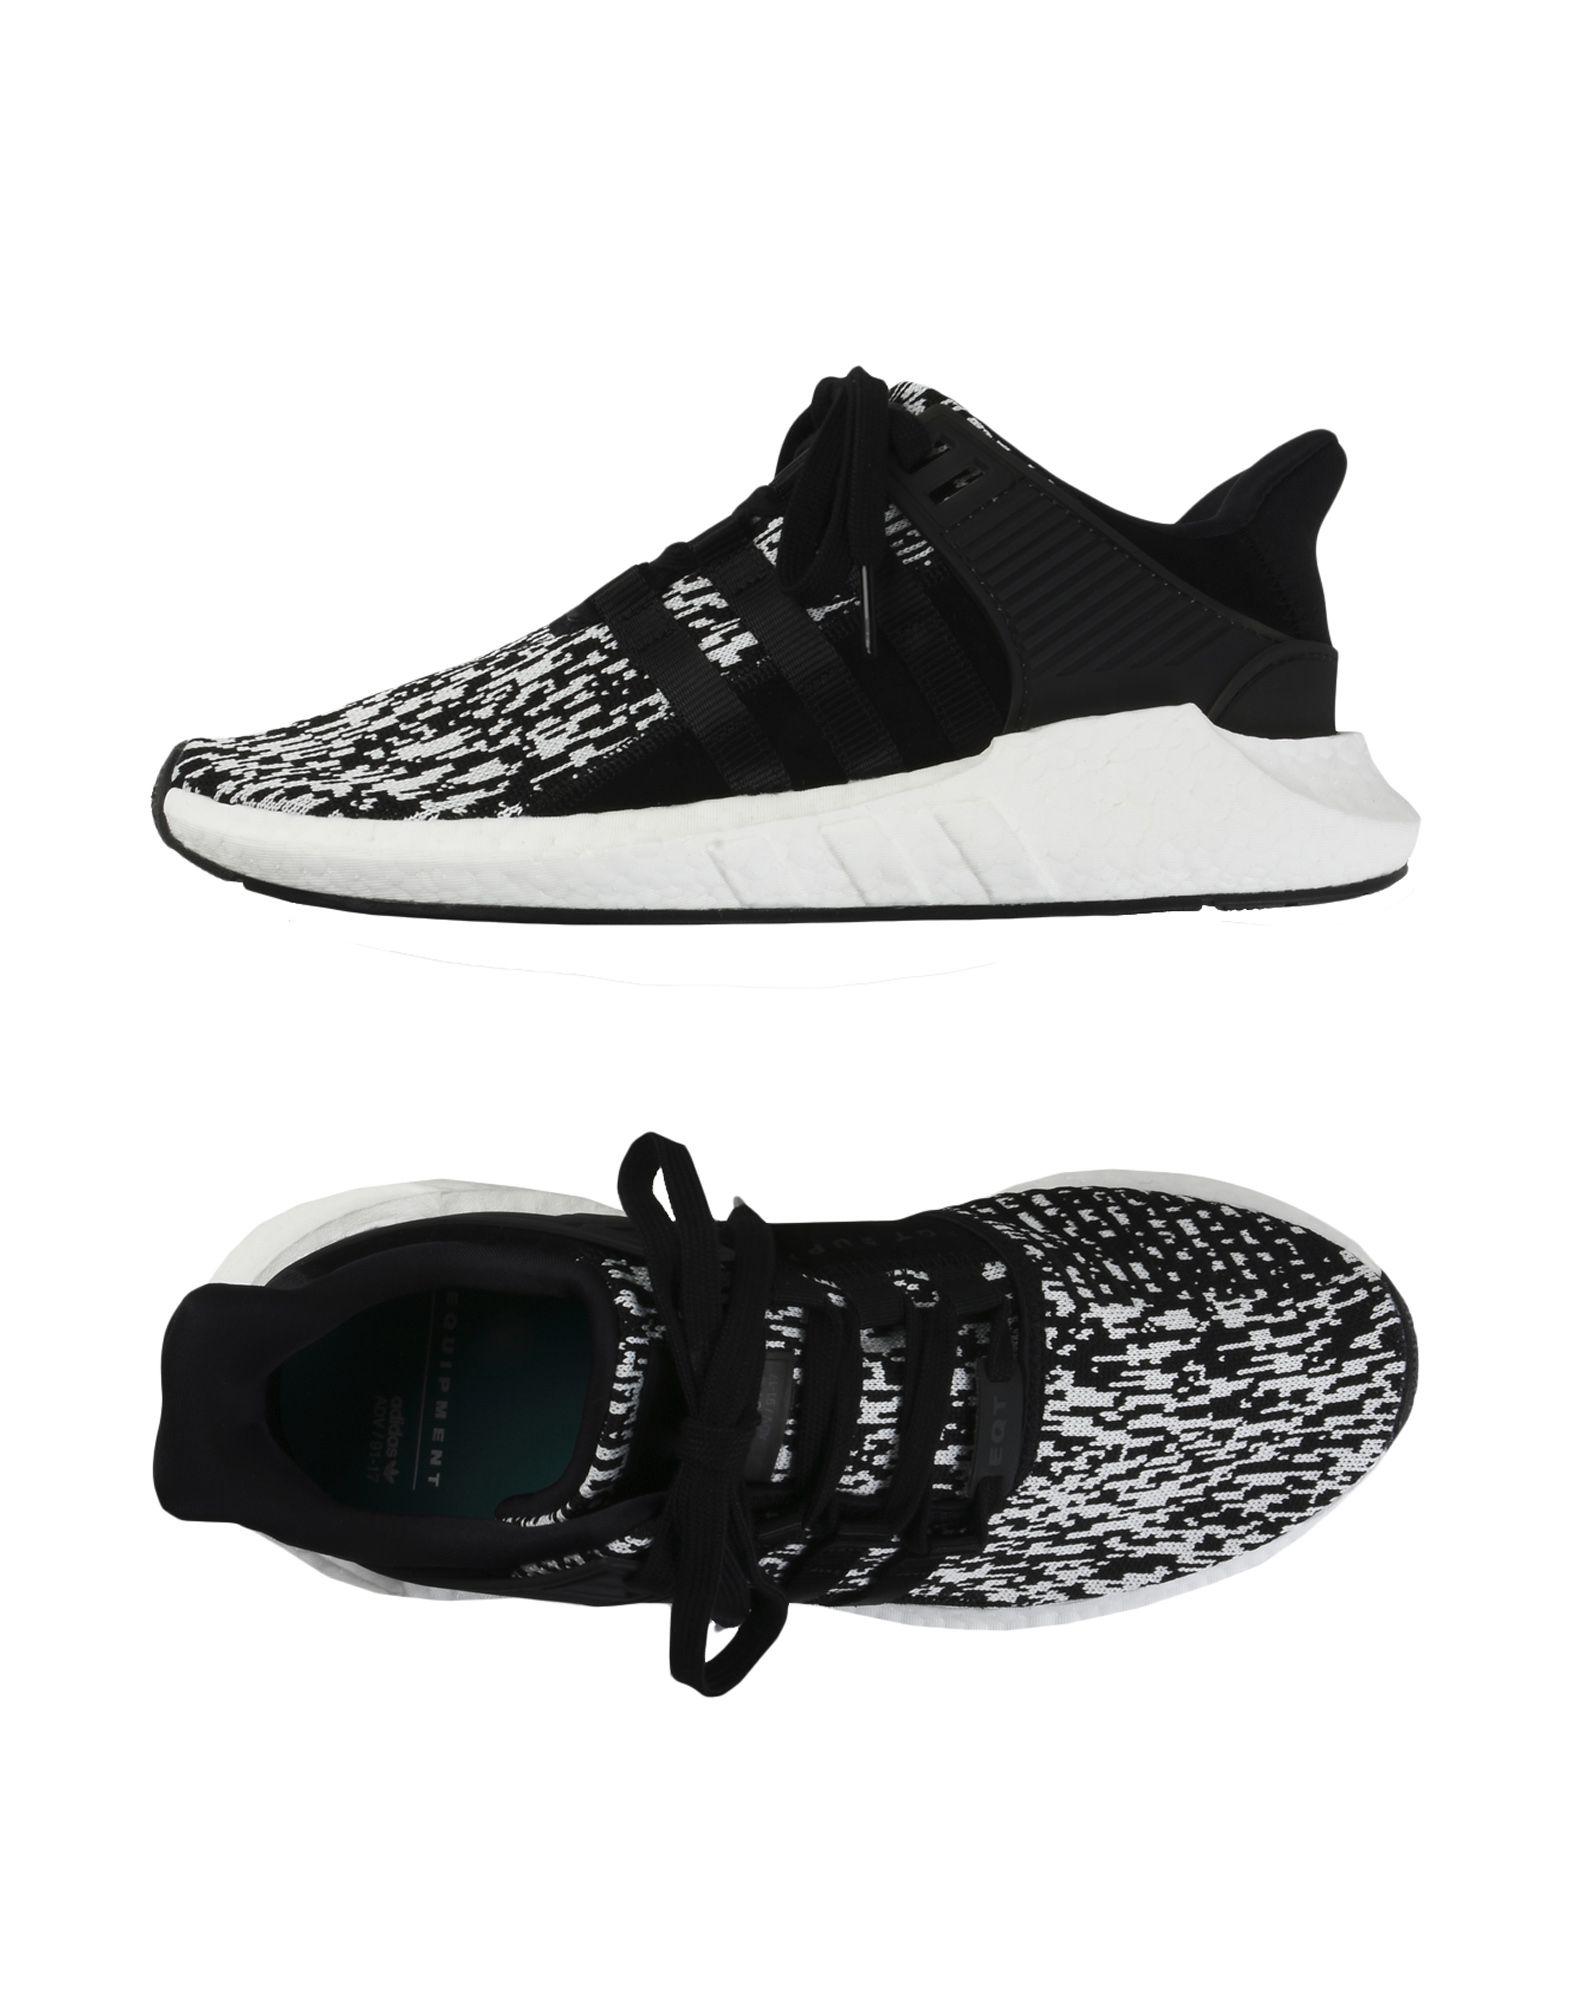 Sneakers Adidas Originals Eqt Support 93/17 - Uomo - 11369687NT